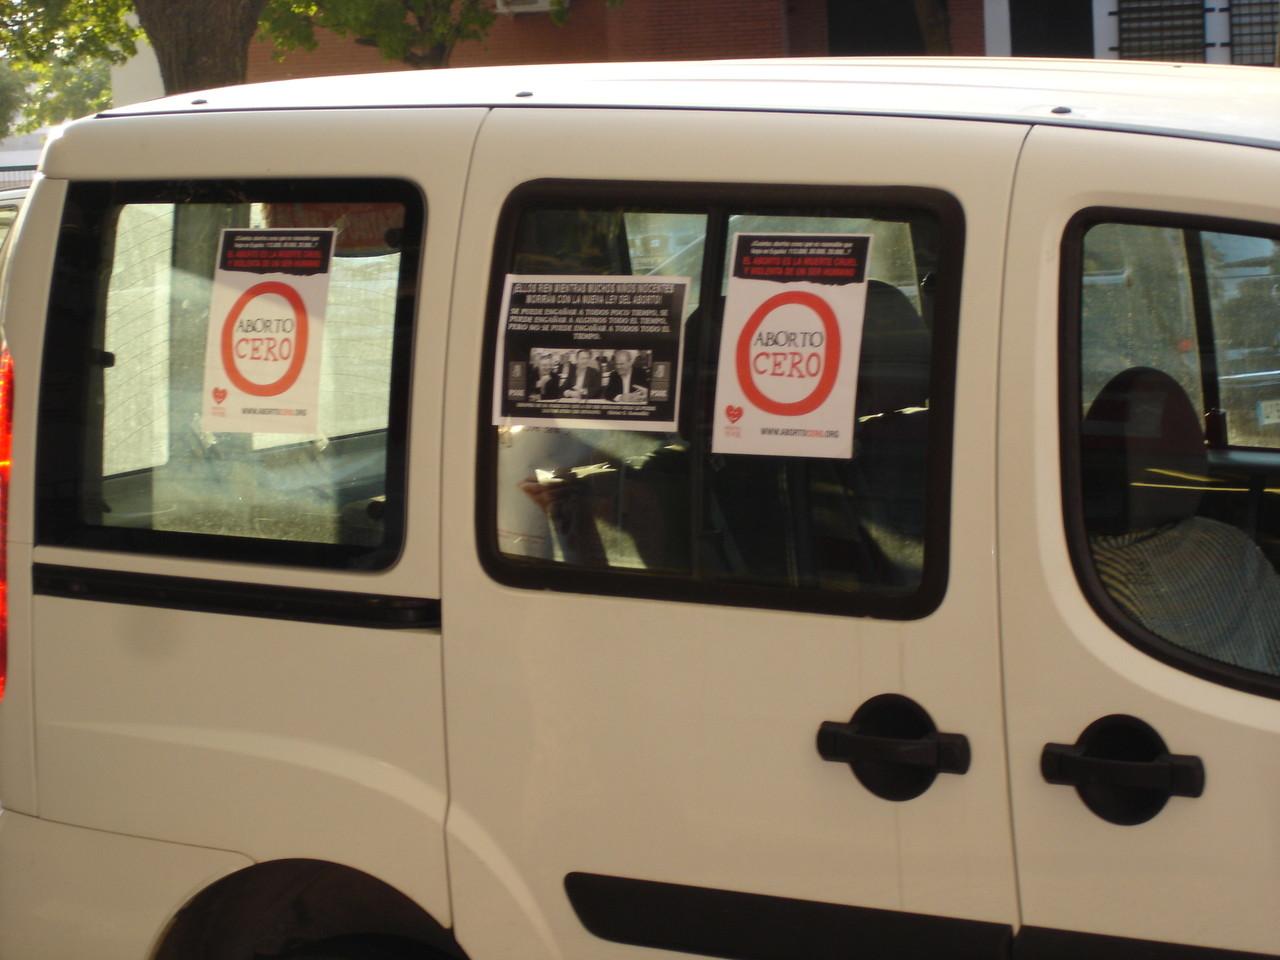 5-10-2.012, Recogida de firmas en contra del aborto.